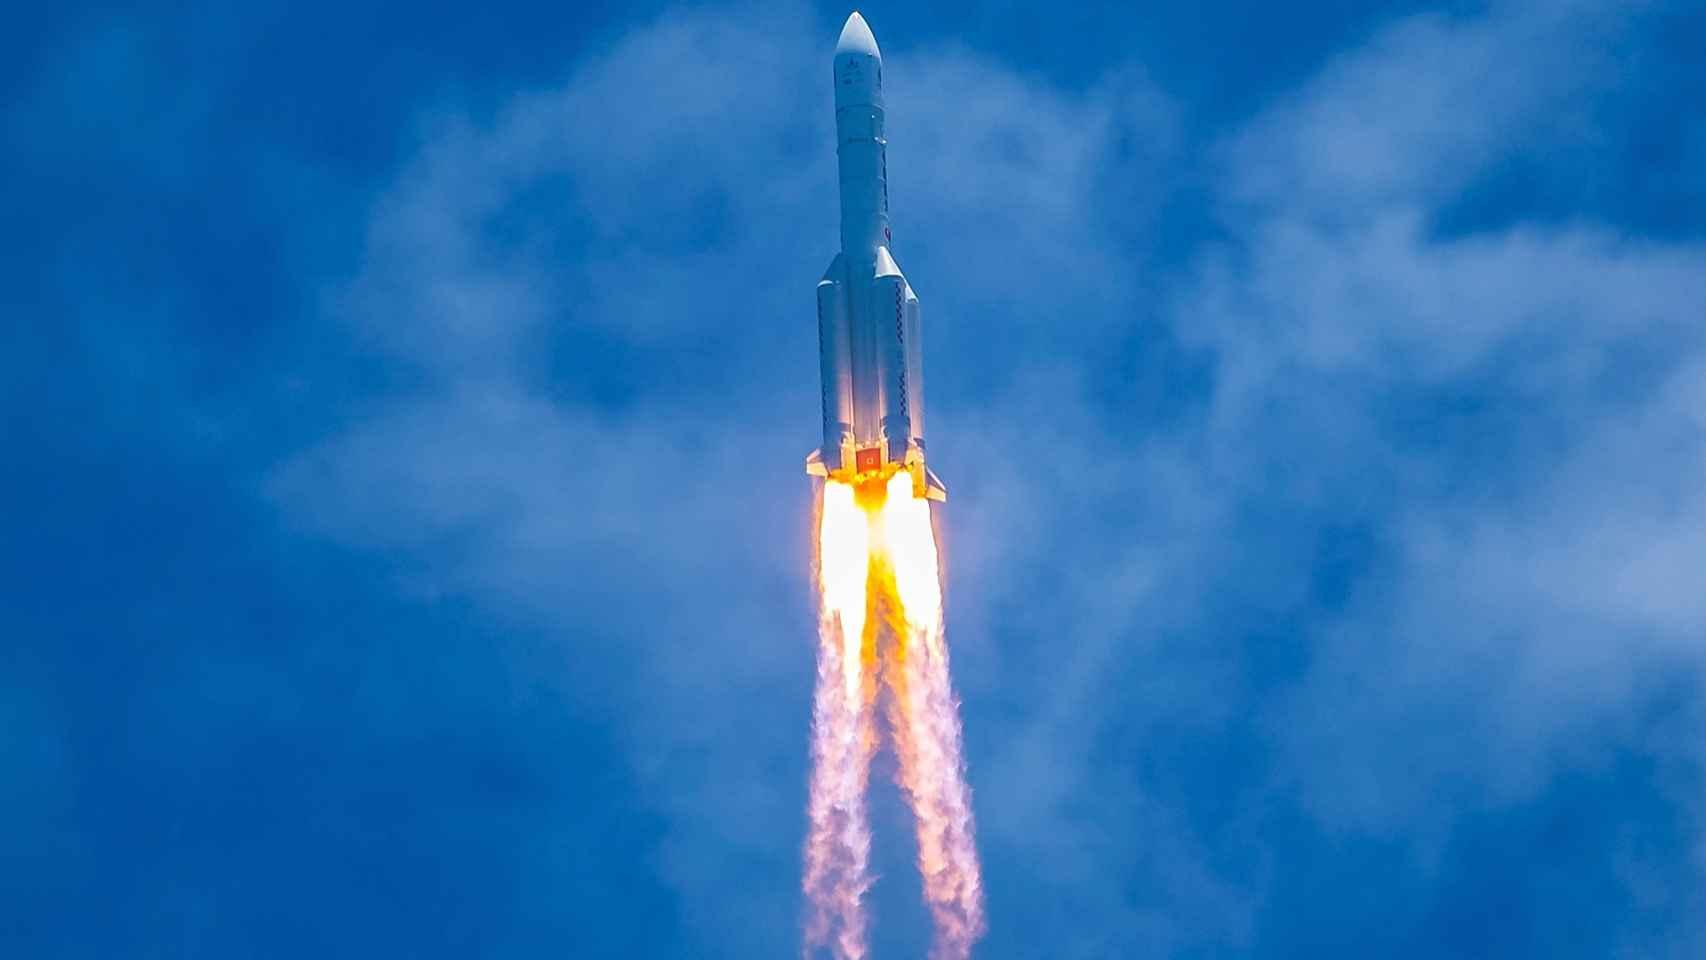 Un cohete chino se va a estrellar contra la Tierra, y nadie sabe dónde —